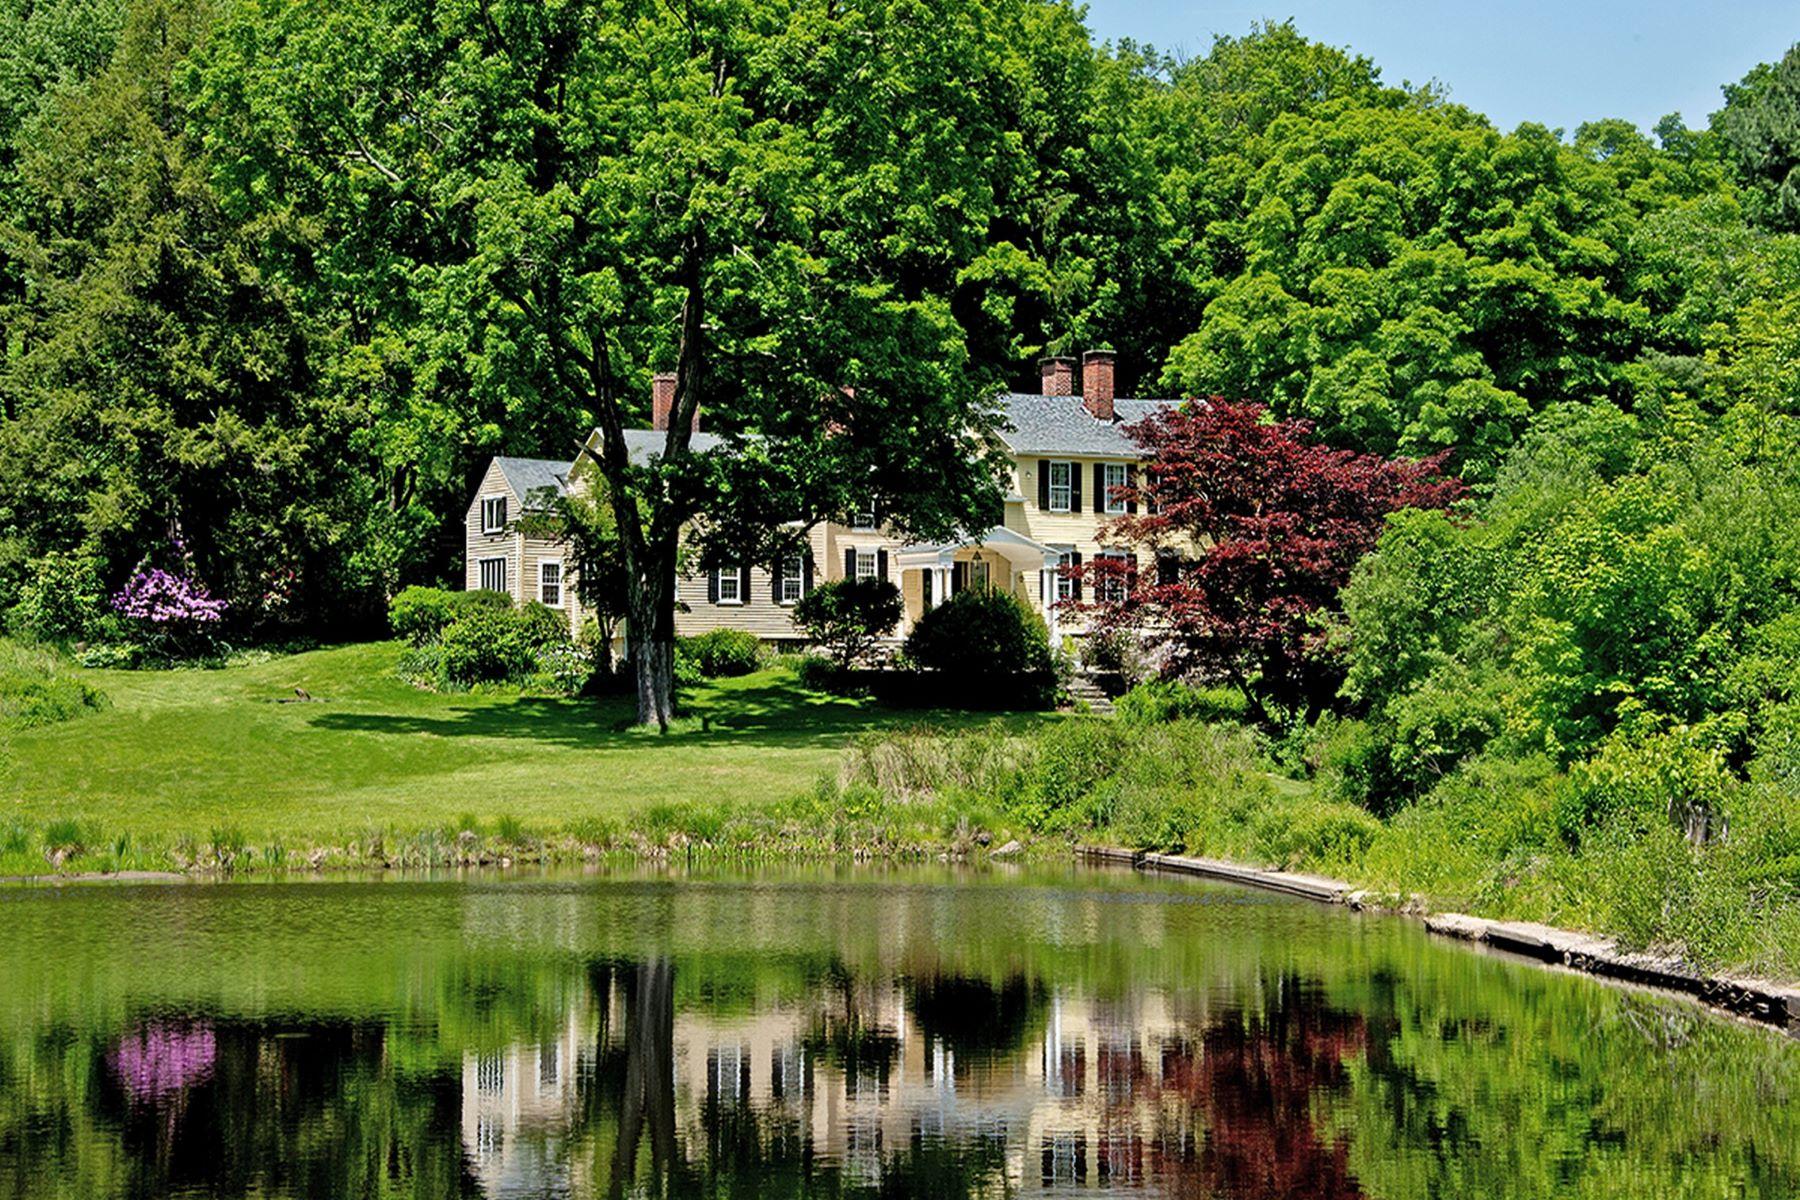 Tek Ailelik Ev için Satış at Historic Villard House 1206 Bassett Road Watertown, Connecticut, 06795 Amerika Birleşik Devletleri